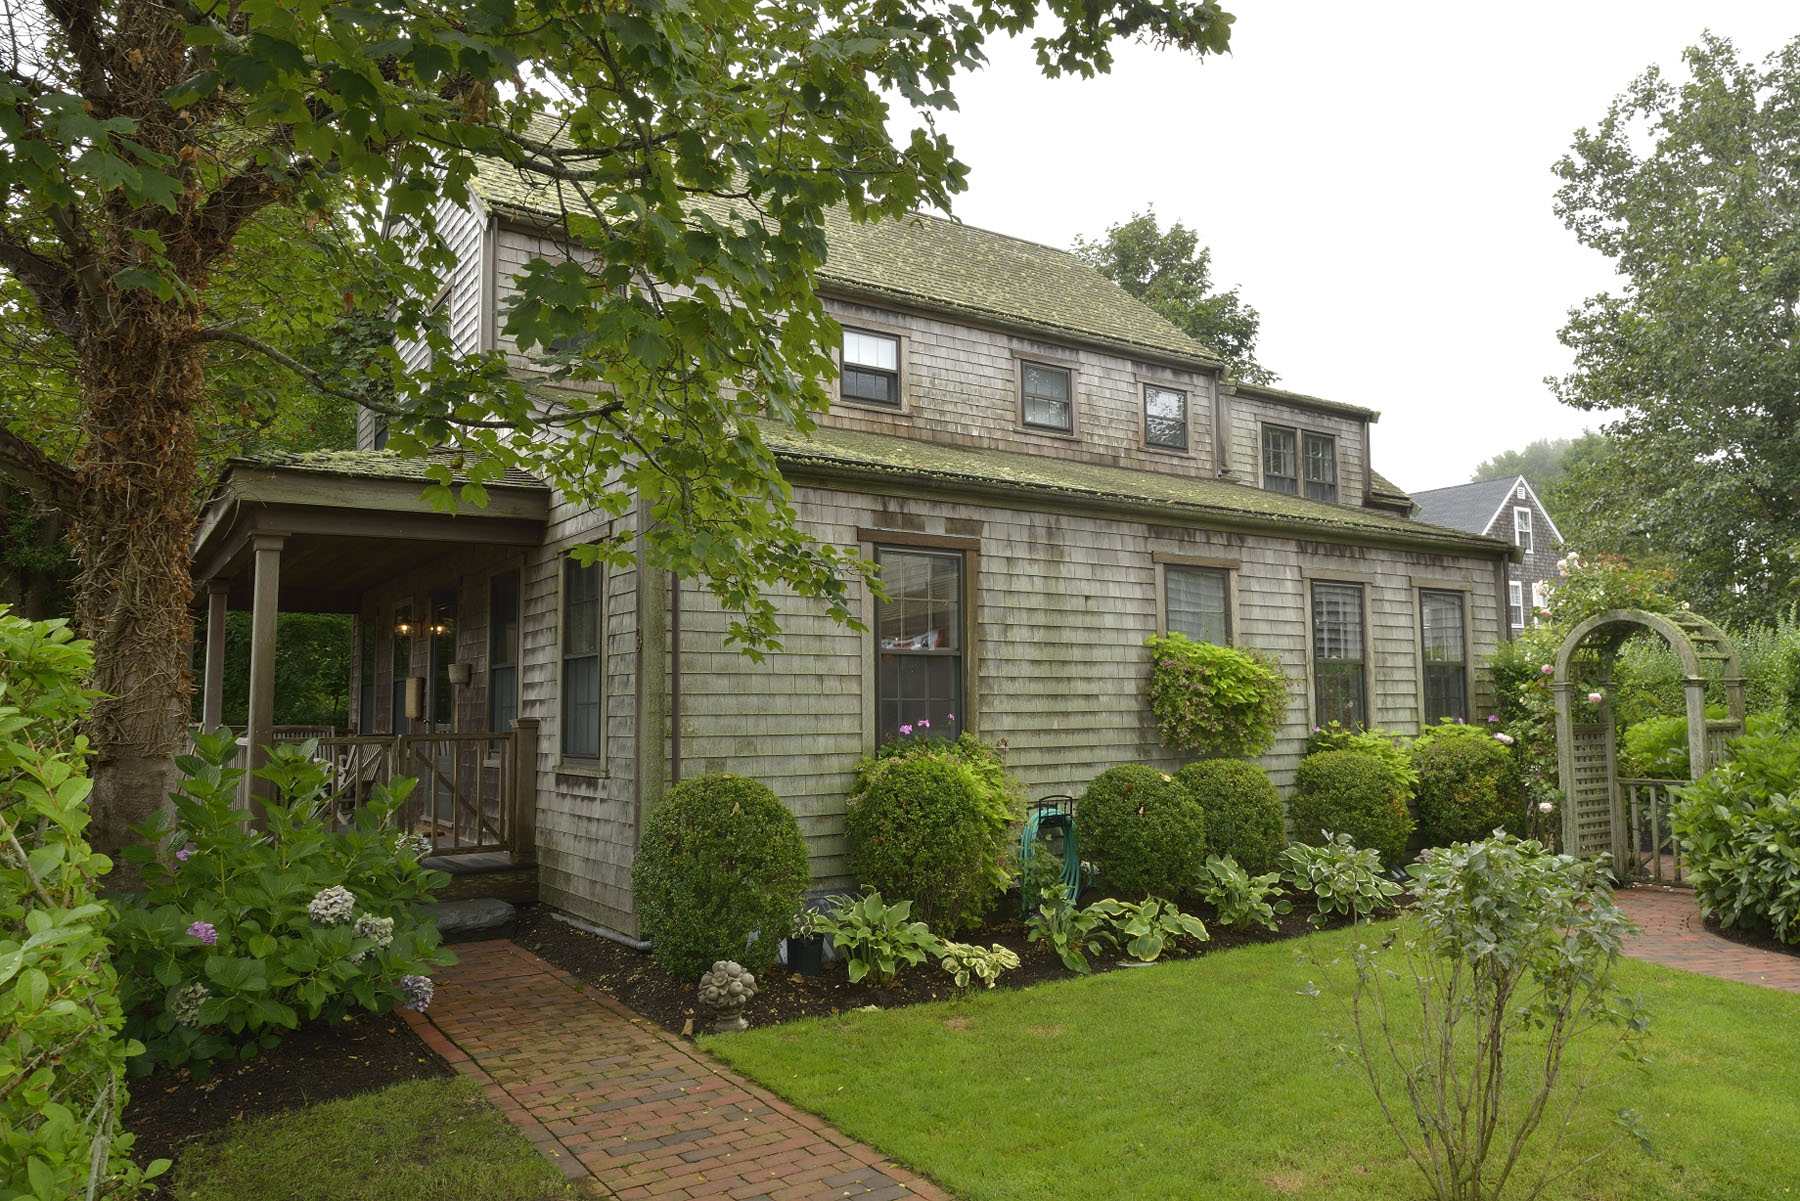 一戸建て のために 売買 アット Custom Home and Carriage House 9 West Dover Street Nantucket, マサチューセッツ 02554 アメリカ合衆国